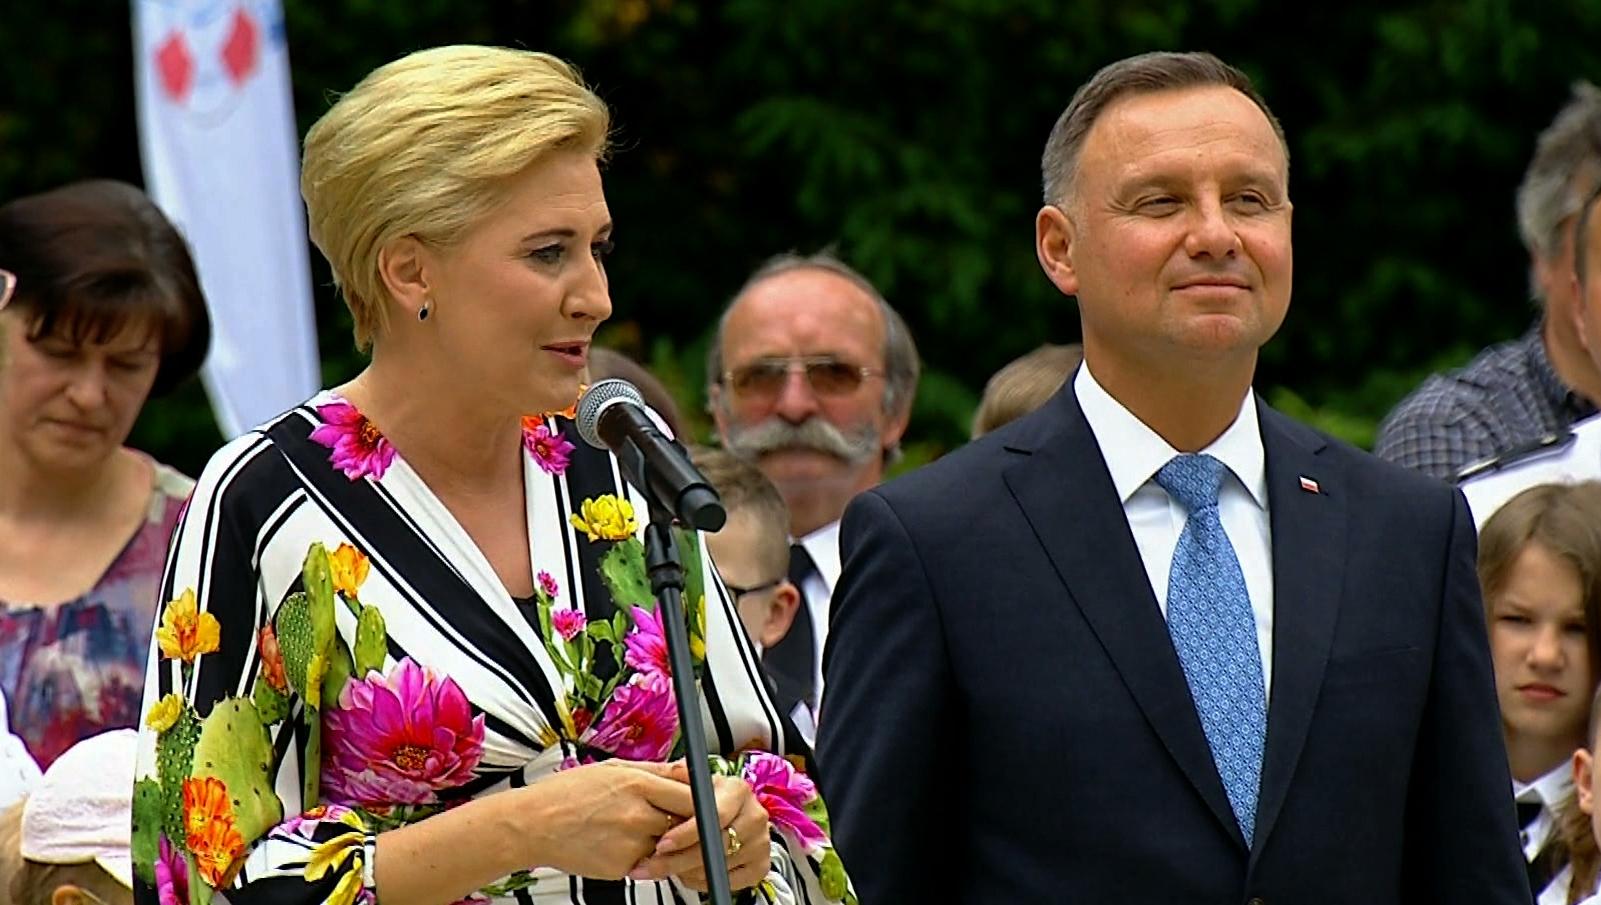 13.08.2021 | Podwyżki dla prezydenta i samorządowców przegłosowane przez Sejm. Wracają pytania o wynagrodzenia pracowników budżetówki